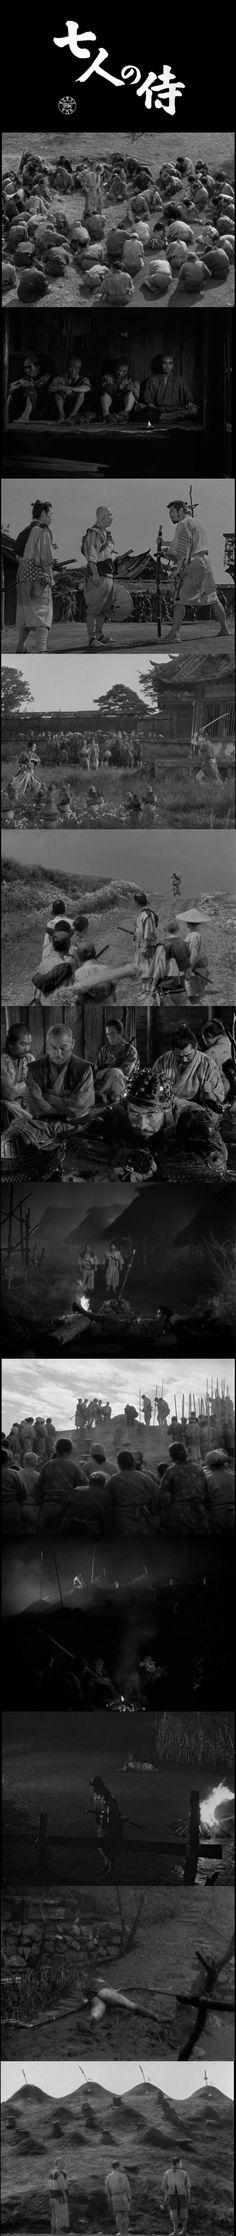 Seven Samurai(1954) Directed by Akira Kurosawa.